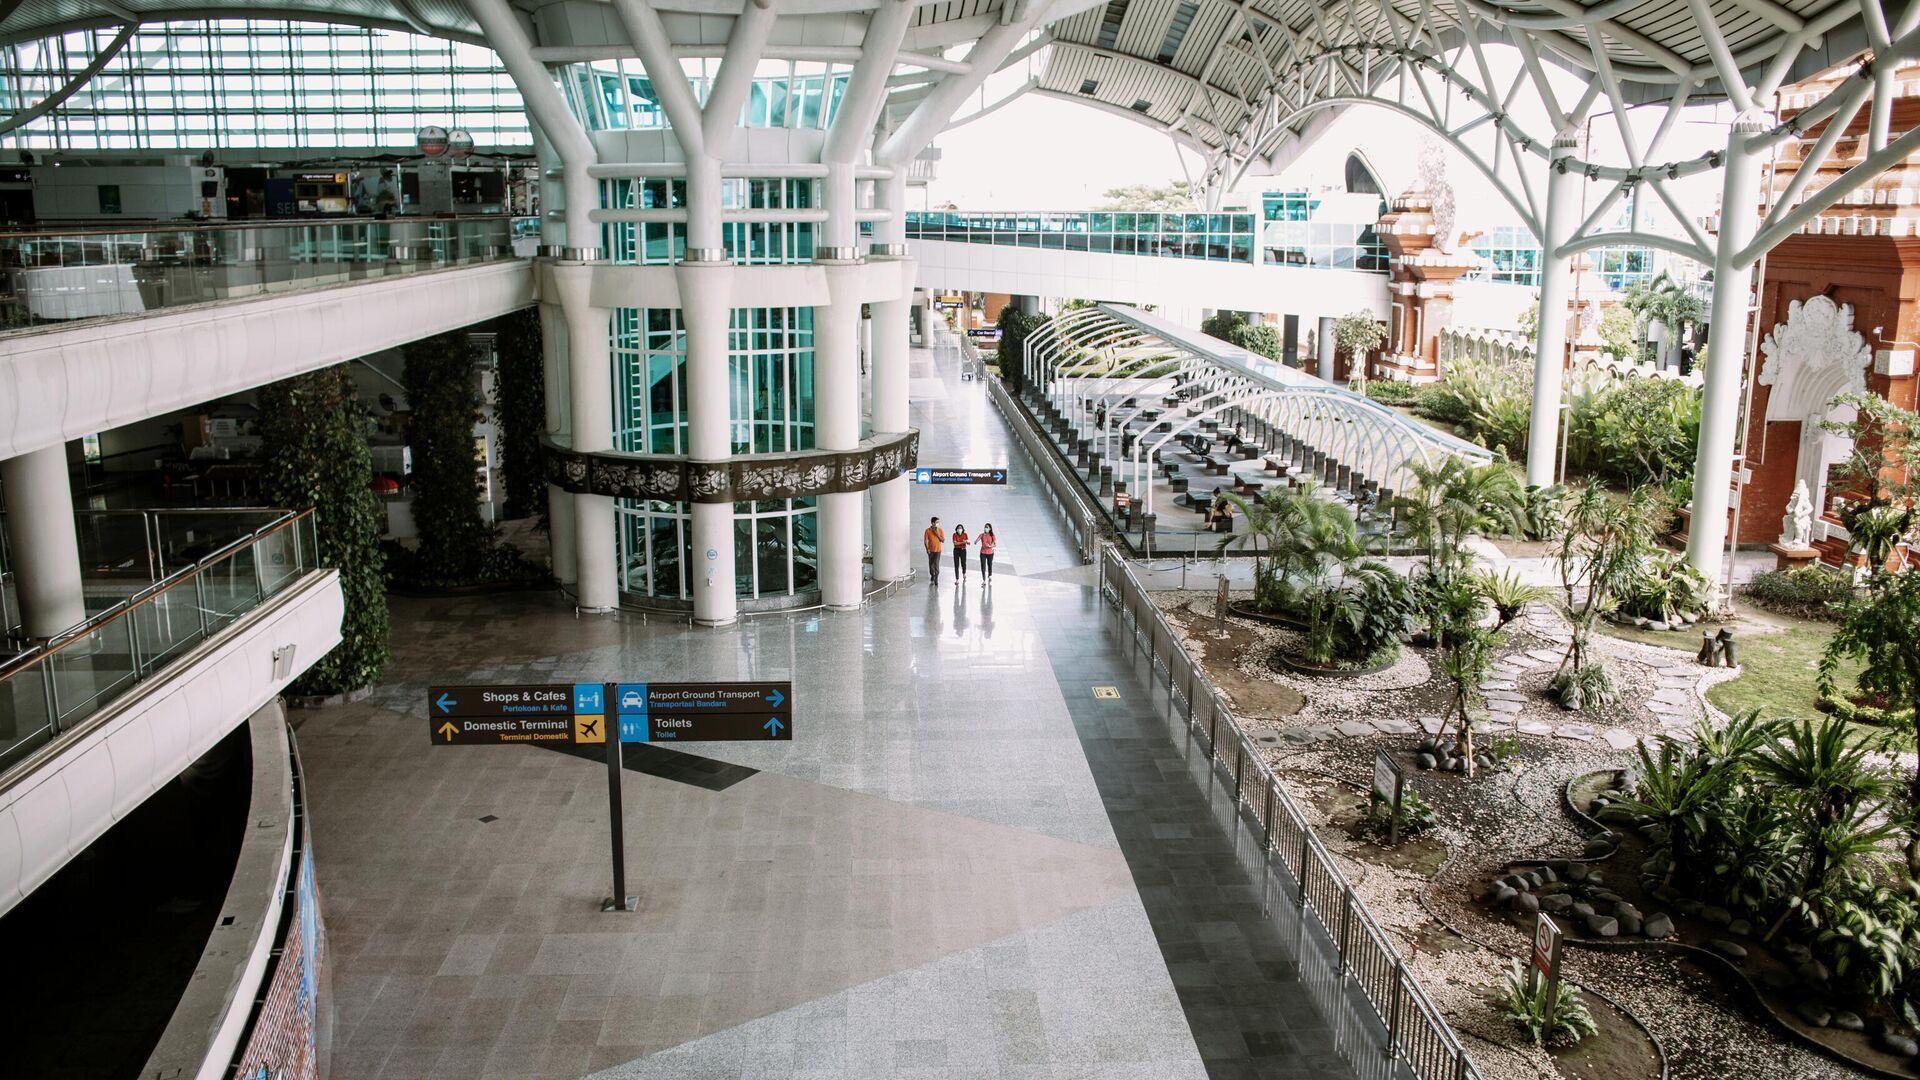 Международный аэропорт Нгурах-Рай города Денпасара на острове Бали в Индонезии - РИА Новости, 1920, 07.04.2021